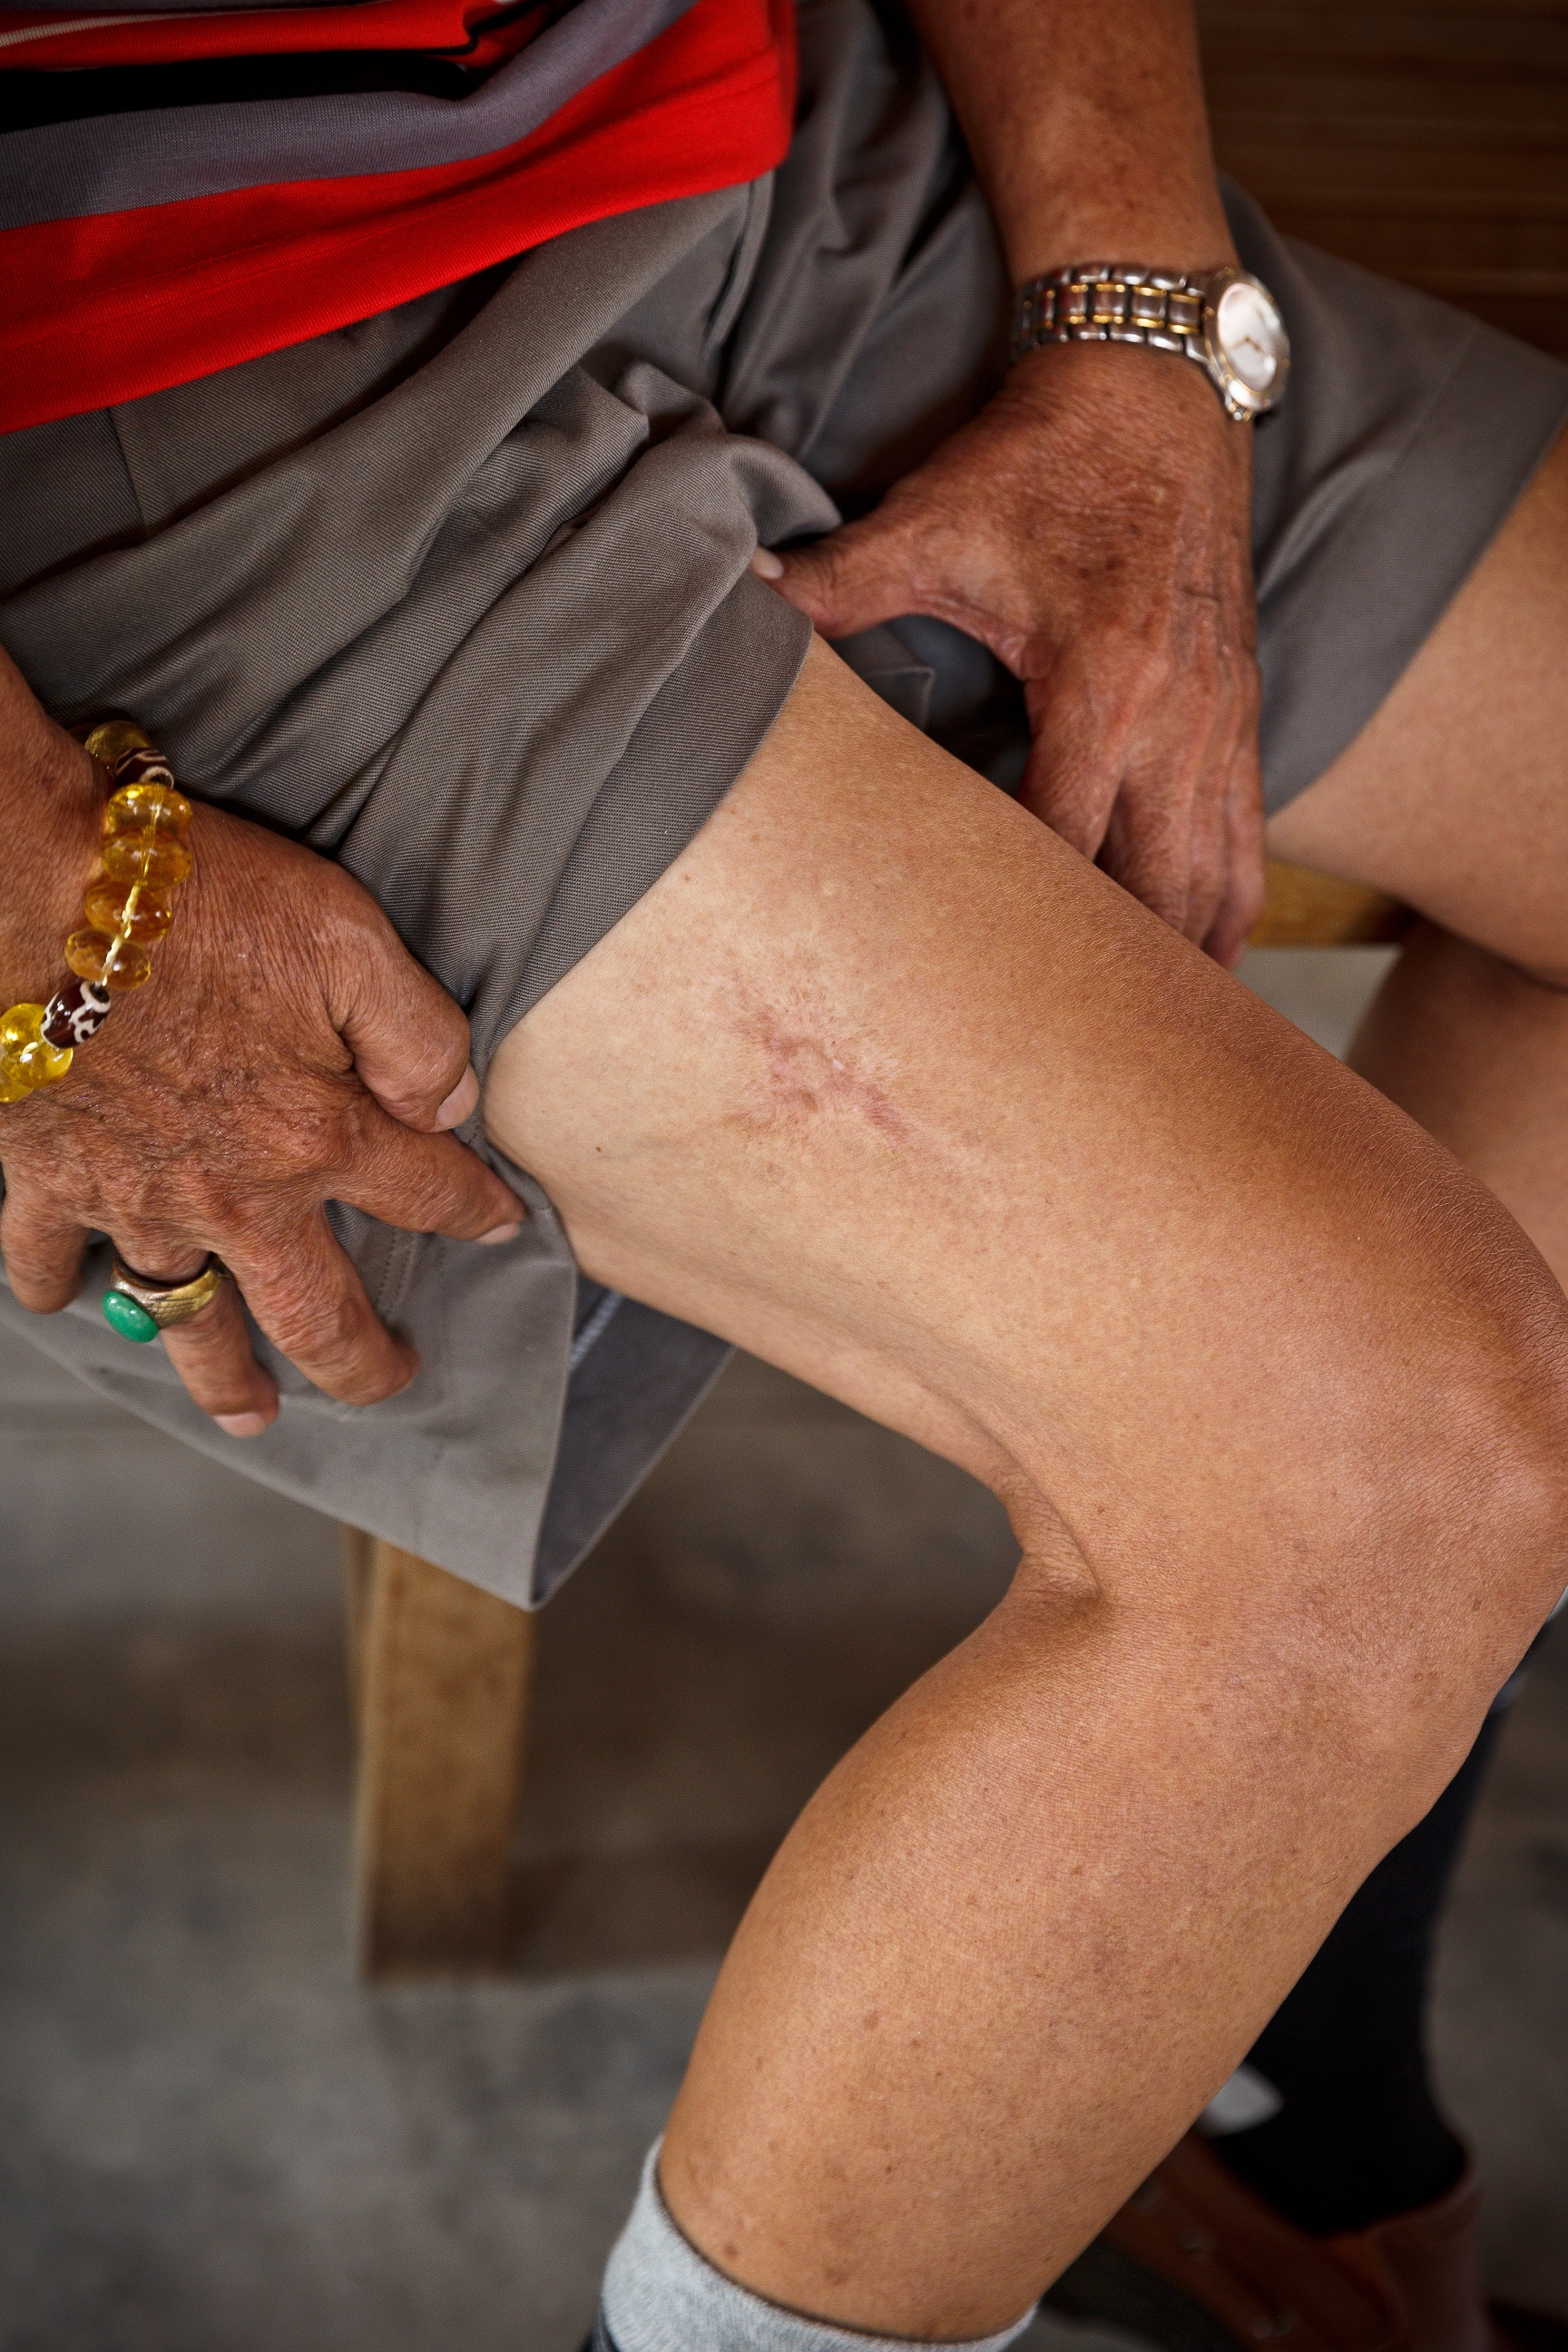 在院民孩子的大腿上接种的疫苗。  (陆奕萌 摄)